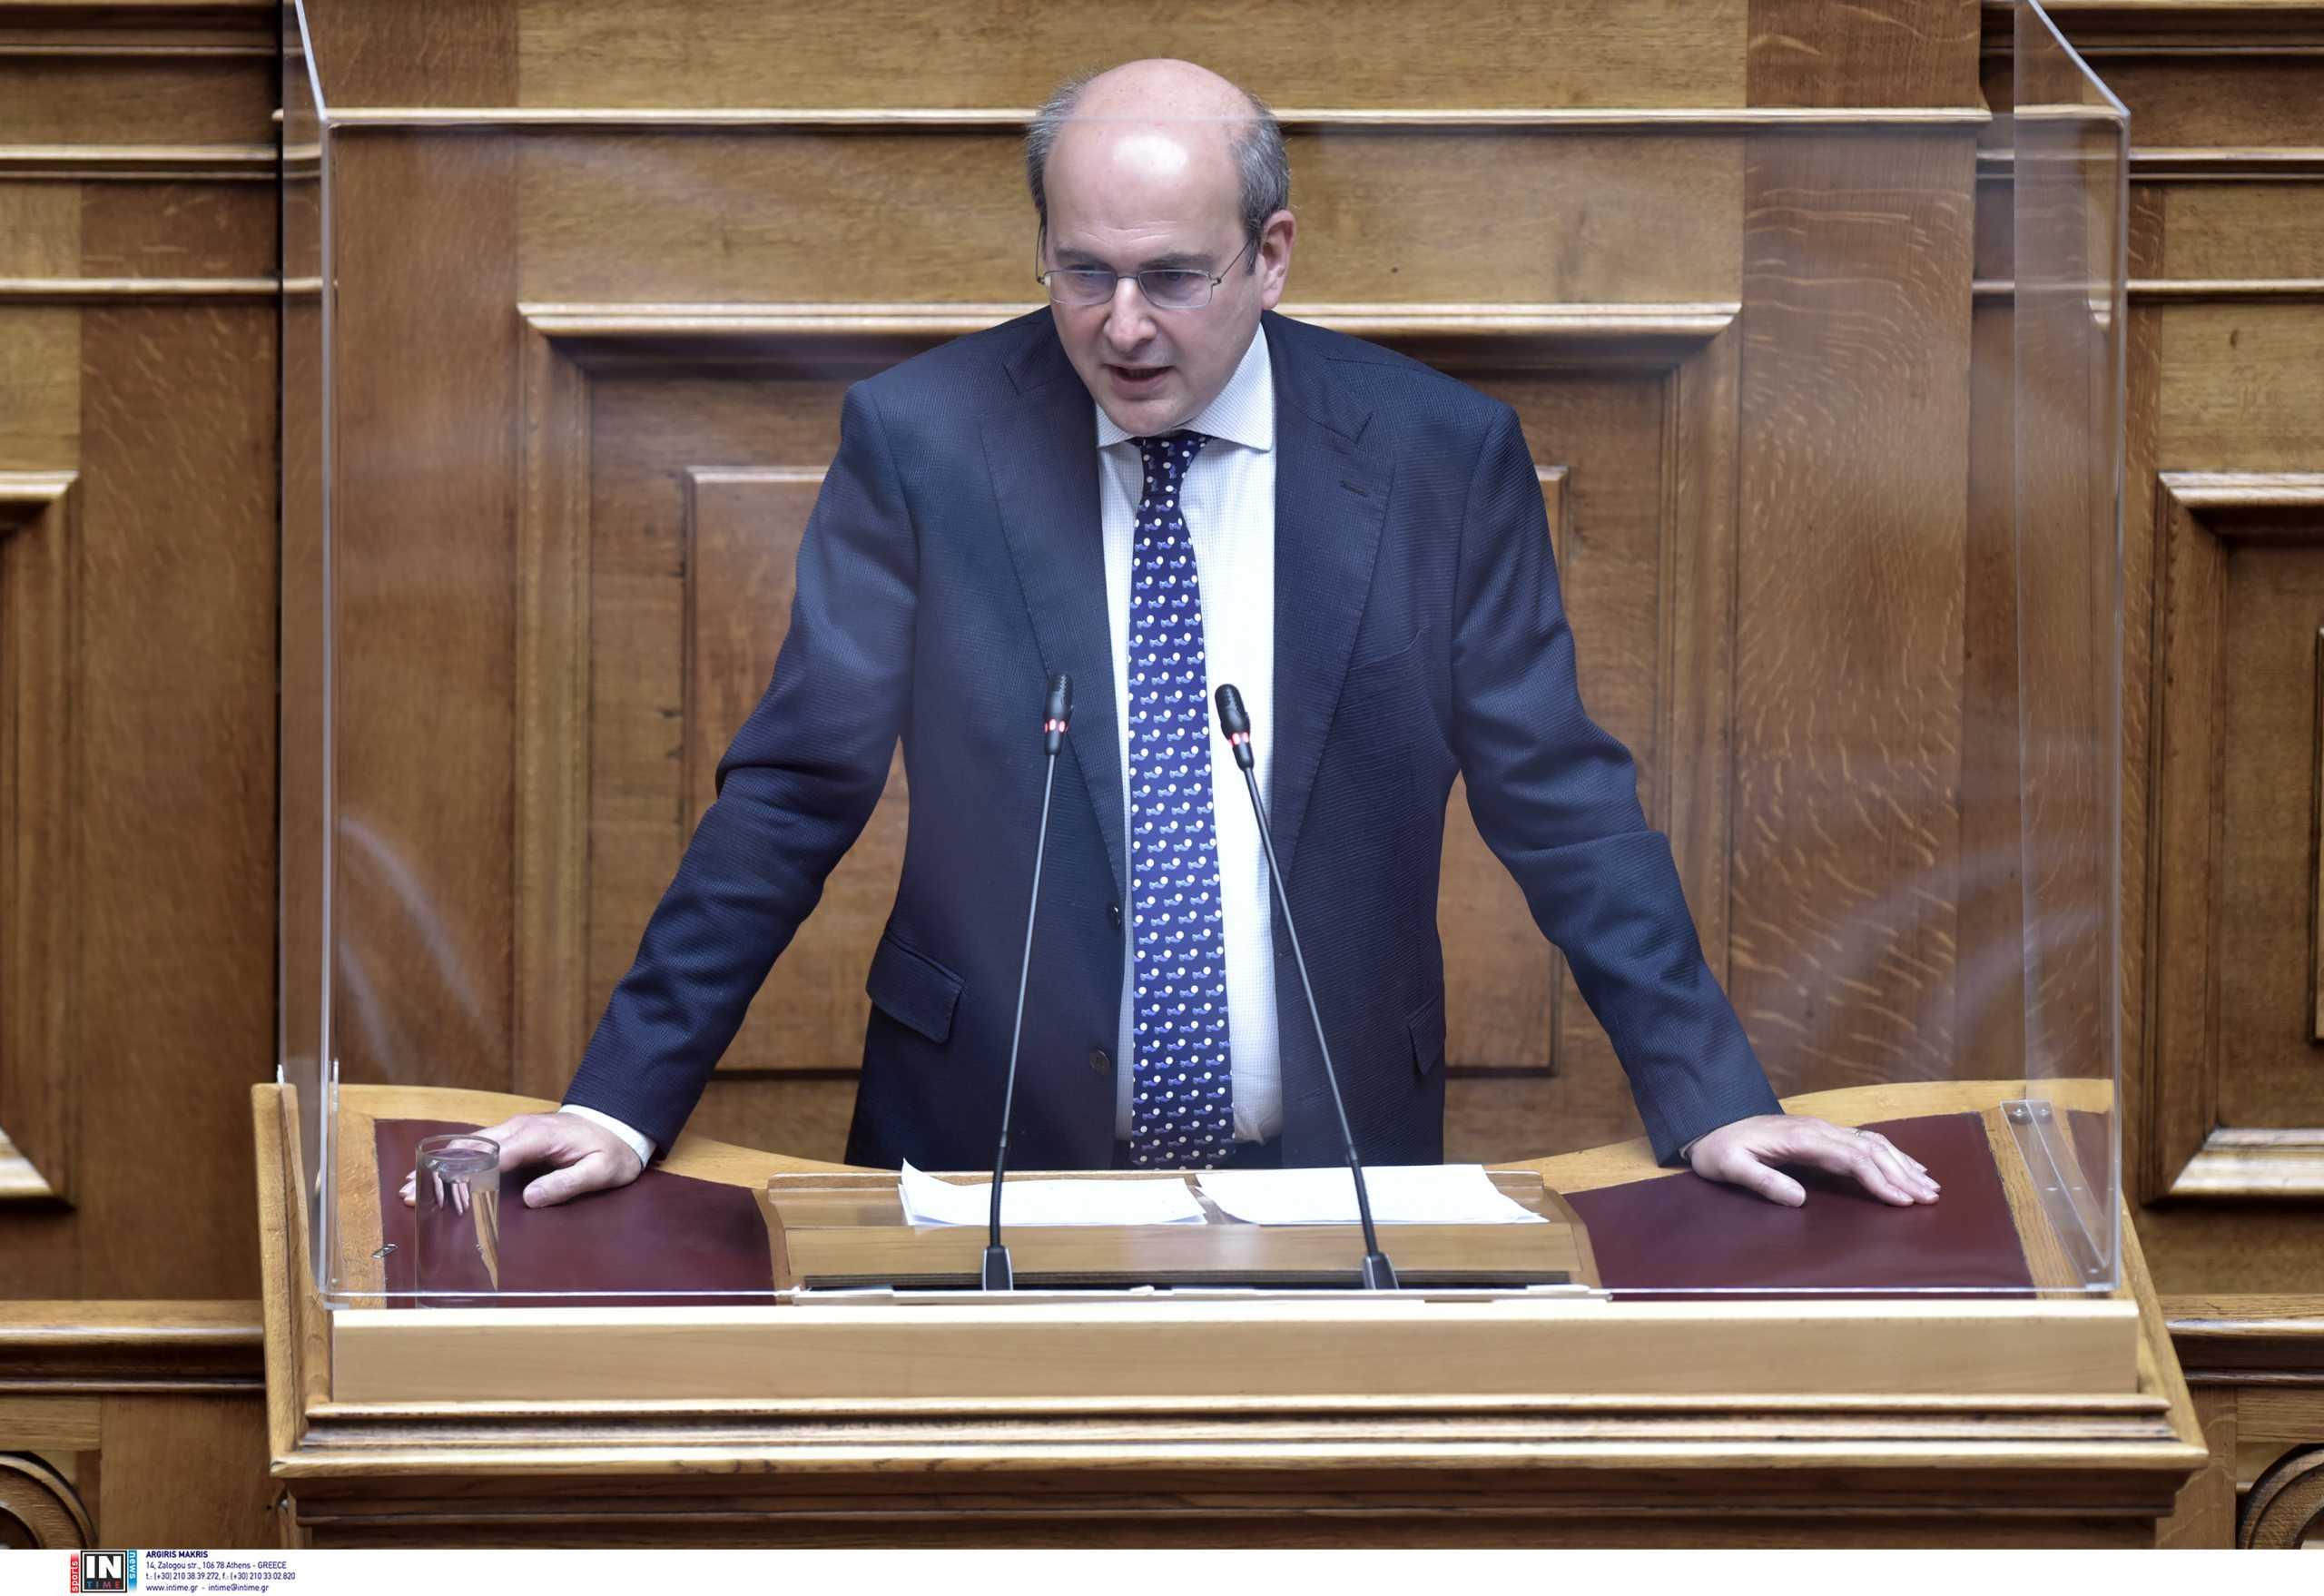 Εργασιακό: Μάχες χαρακωμάτων στην Βουλή – Κόντρες Χατζηδάκη με τα κόμματα της αντιπολίτευσης